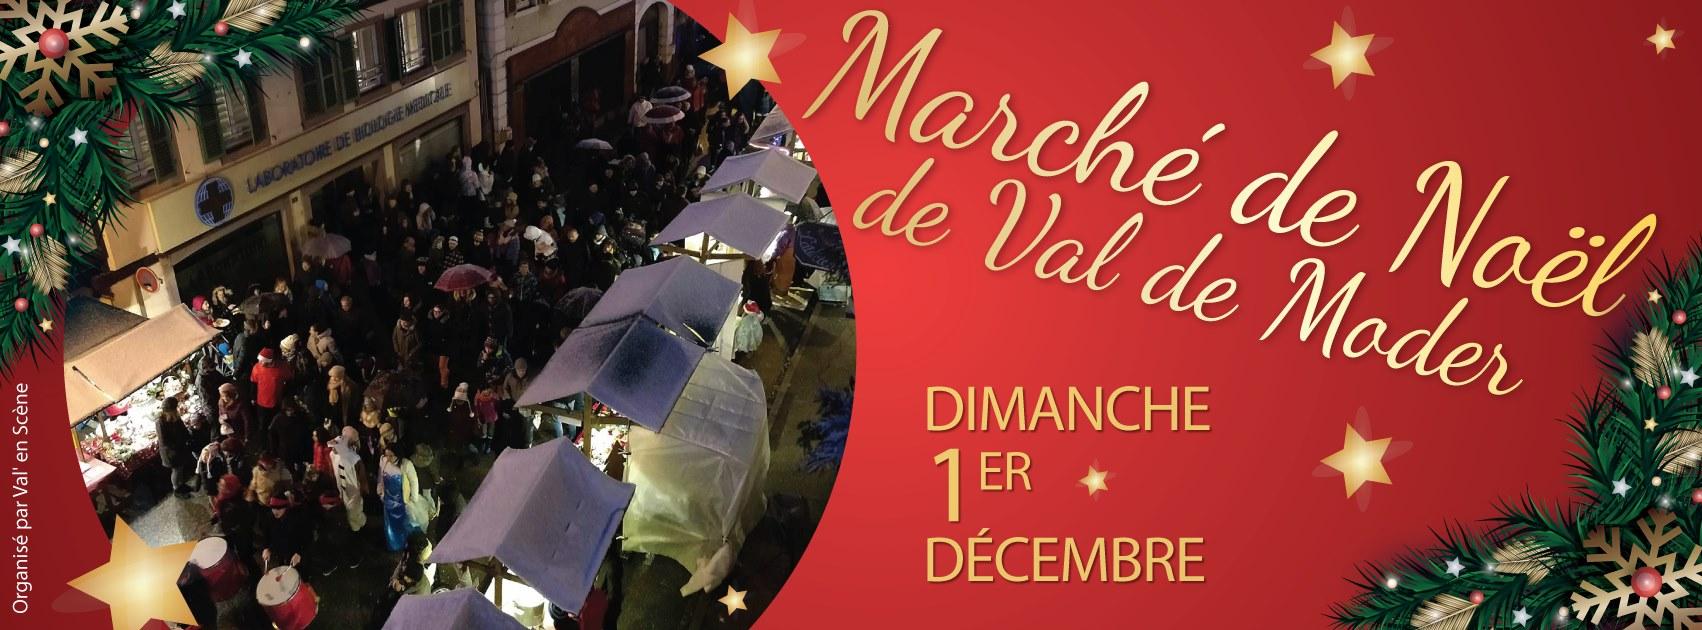 Marché de Noël de Val de Moder